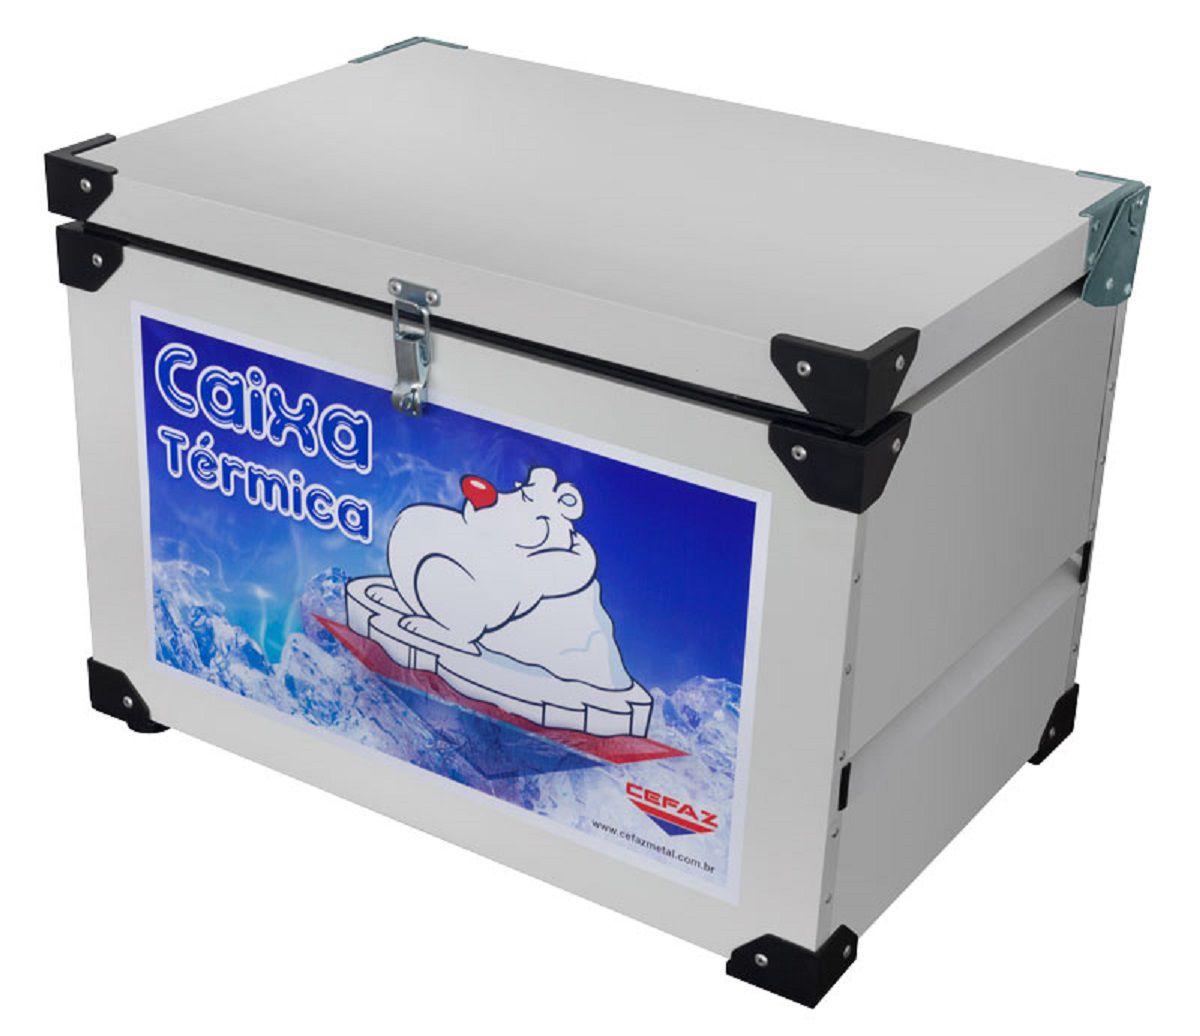 Caixa Térmica 300 Litros Chapa Int. Galvanizada - CTG-300 -  CEFAZ